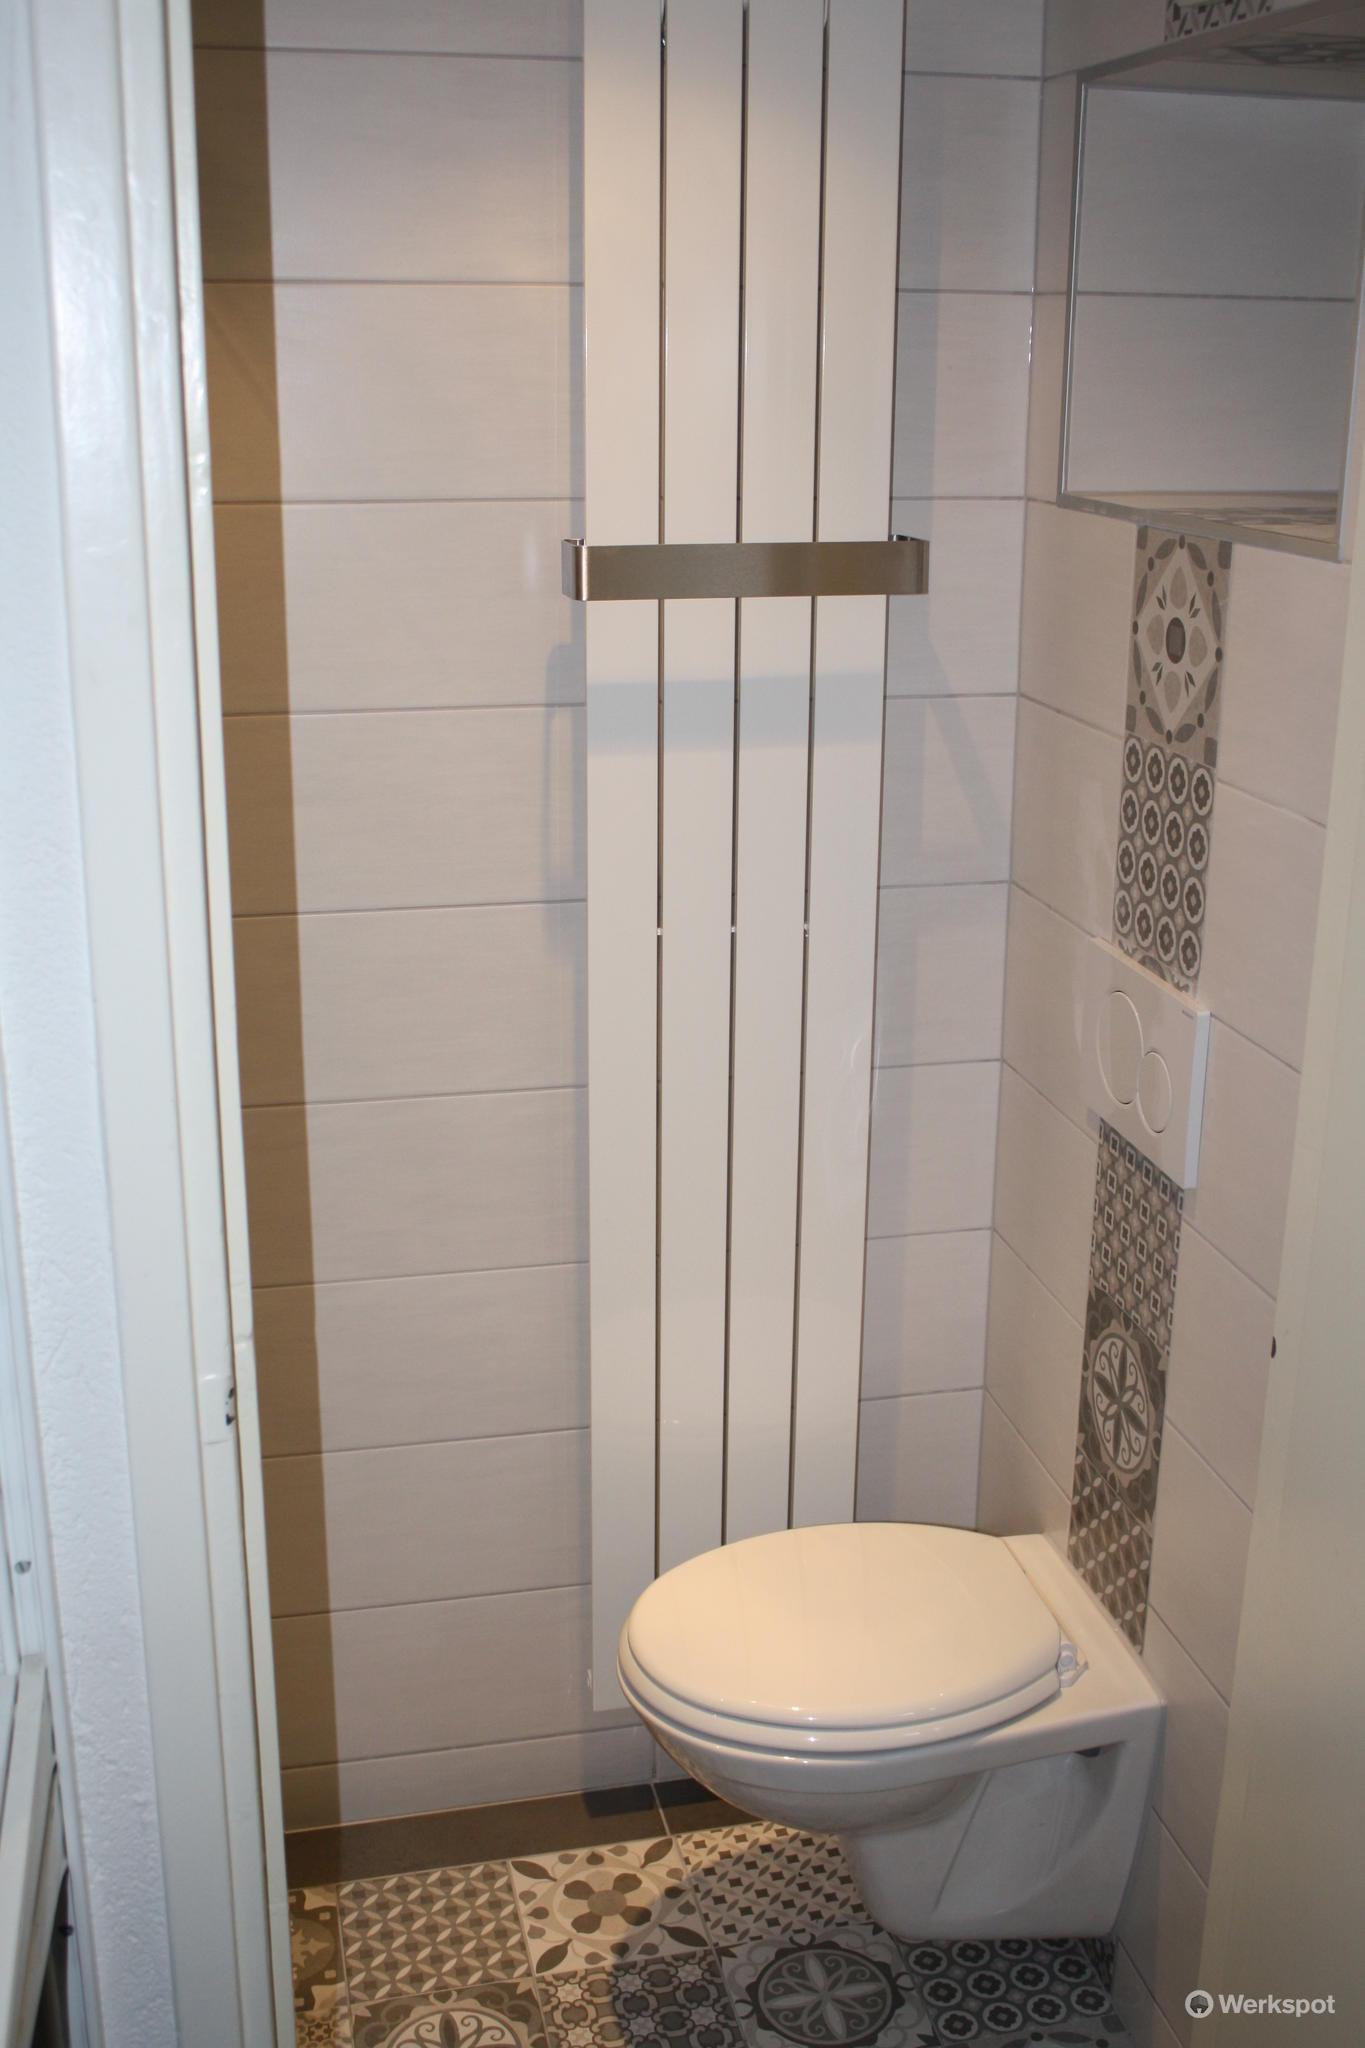 Verbouwing kleine badkamer (douche & toilet) 2,40 x 0,80 meter ...